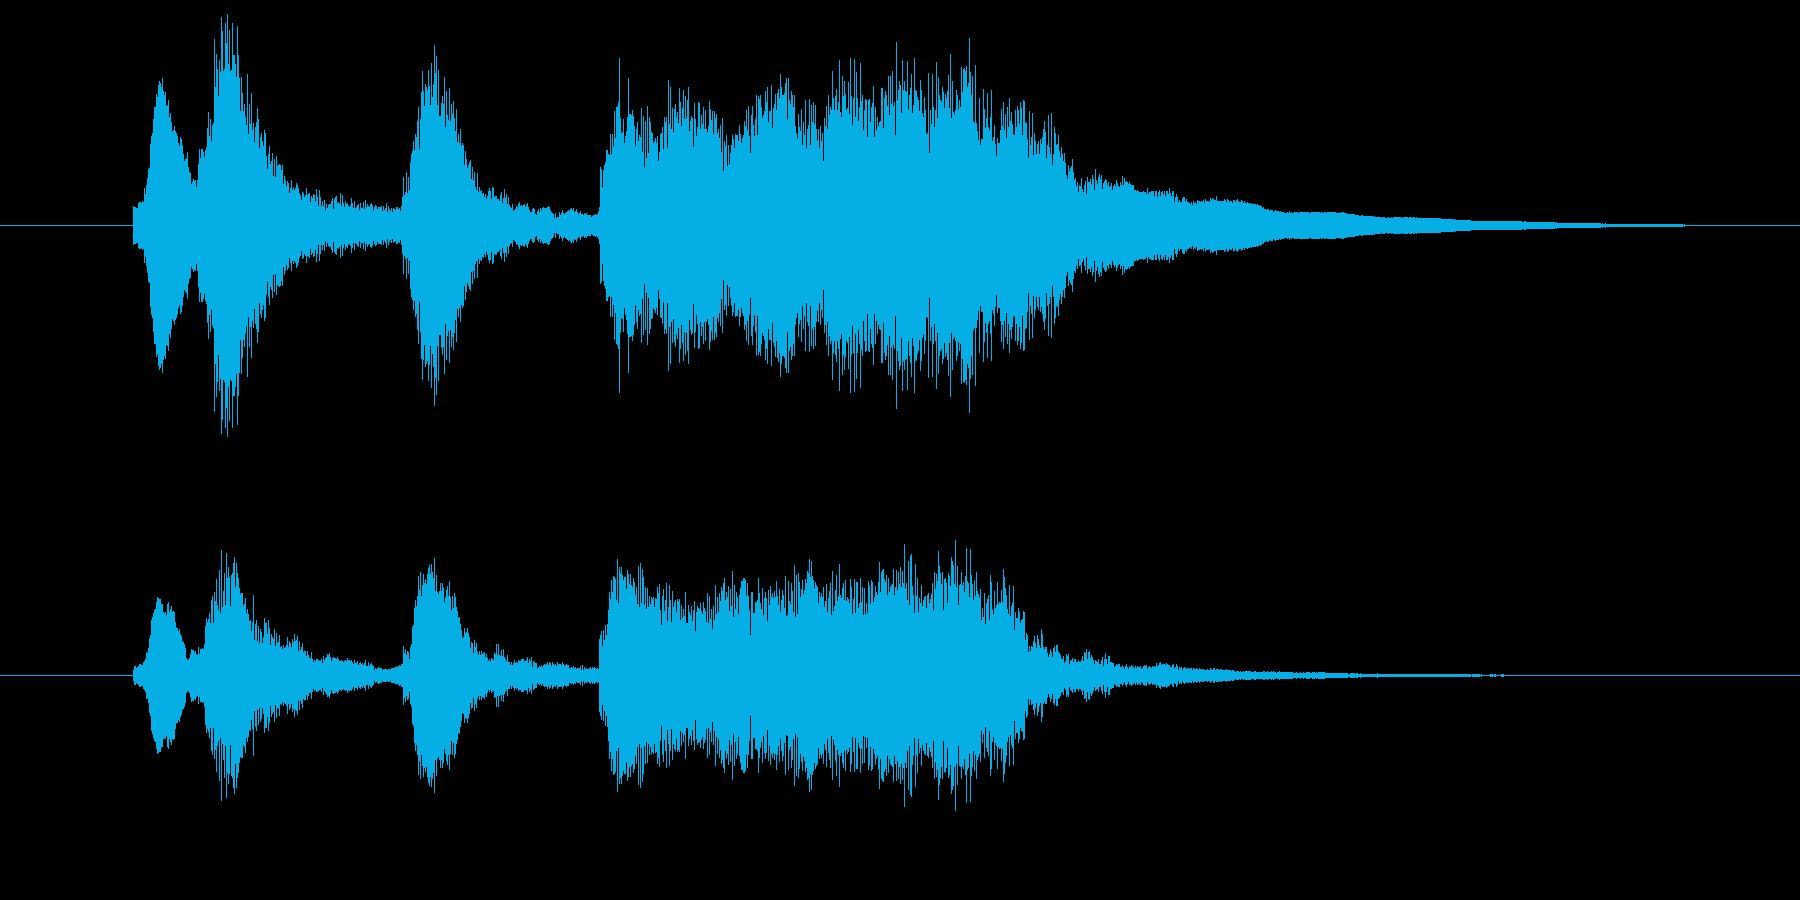 軽いオーケストラ風の喜びジングル1の再生済みの波形